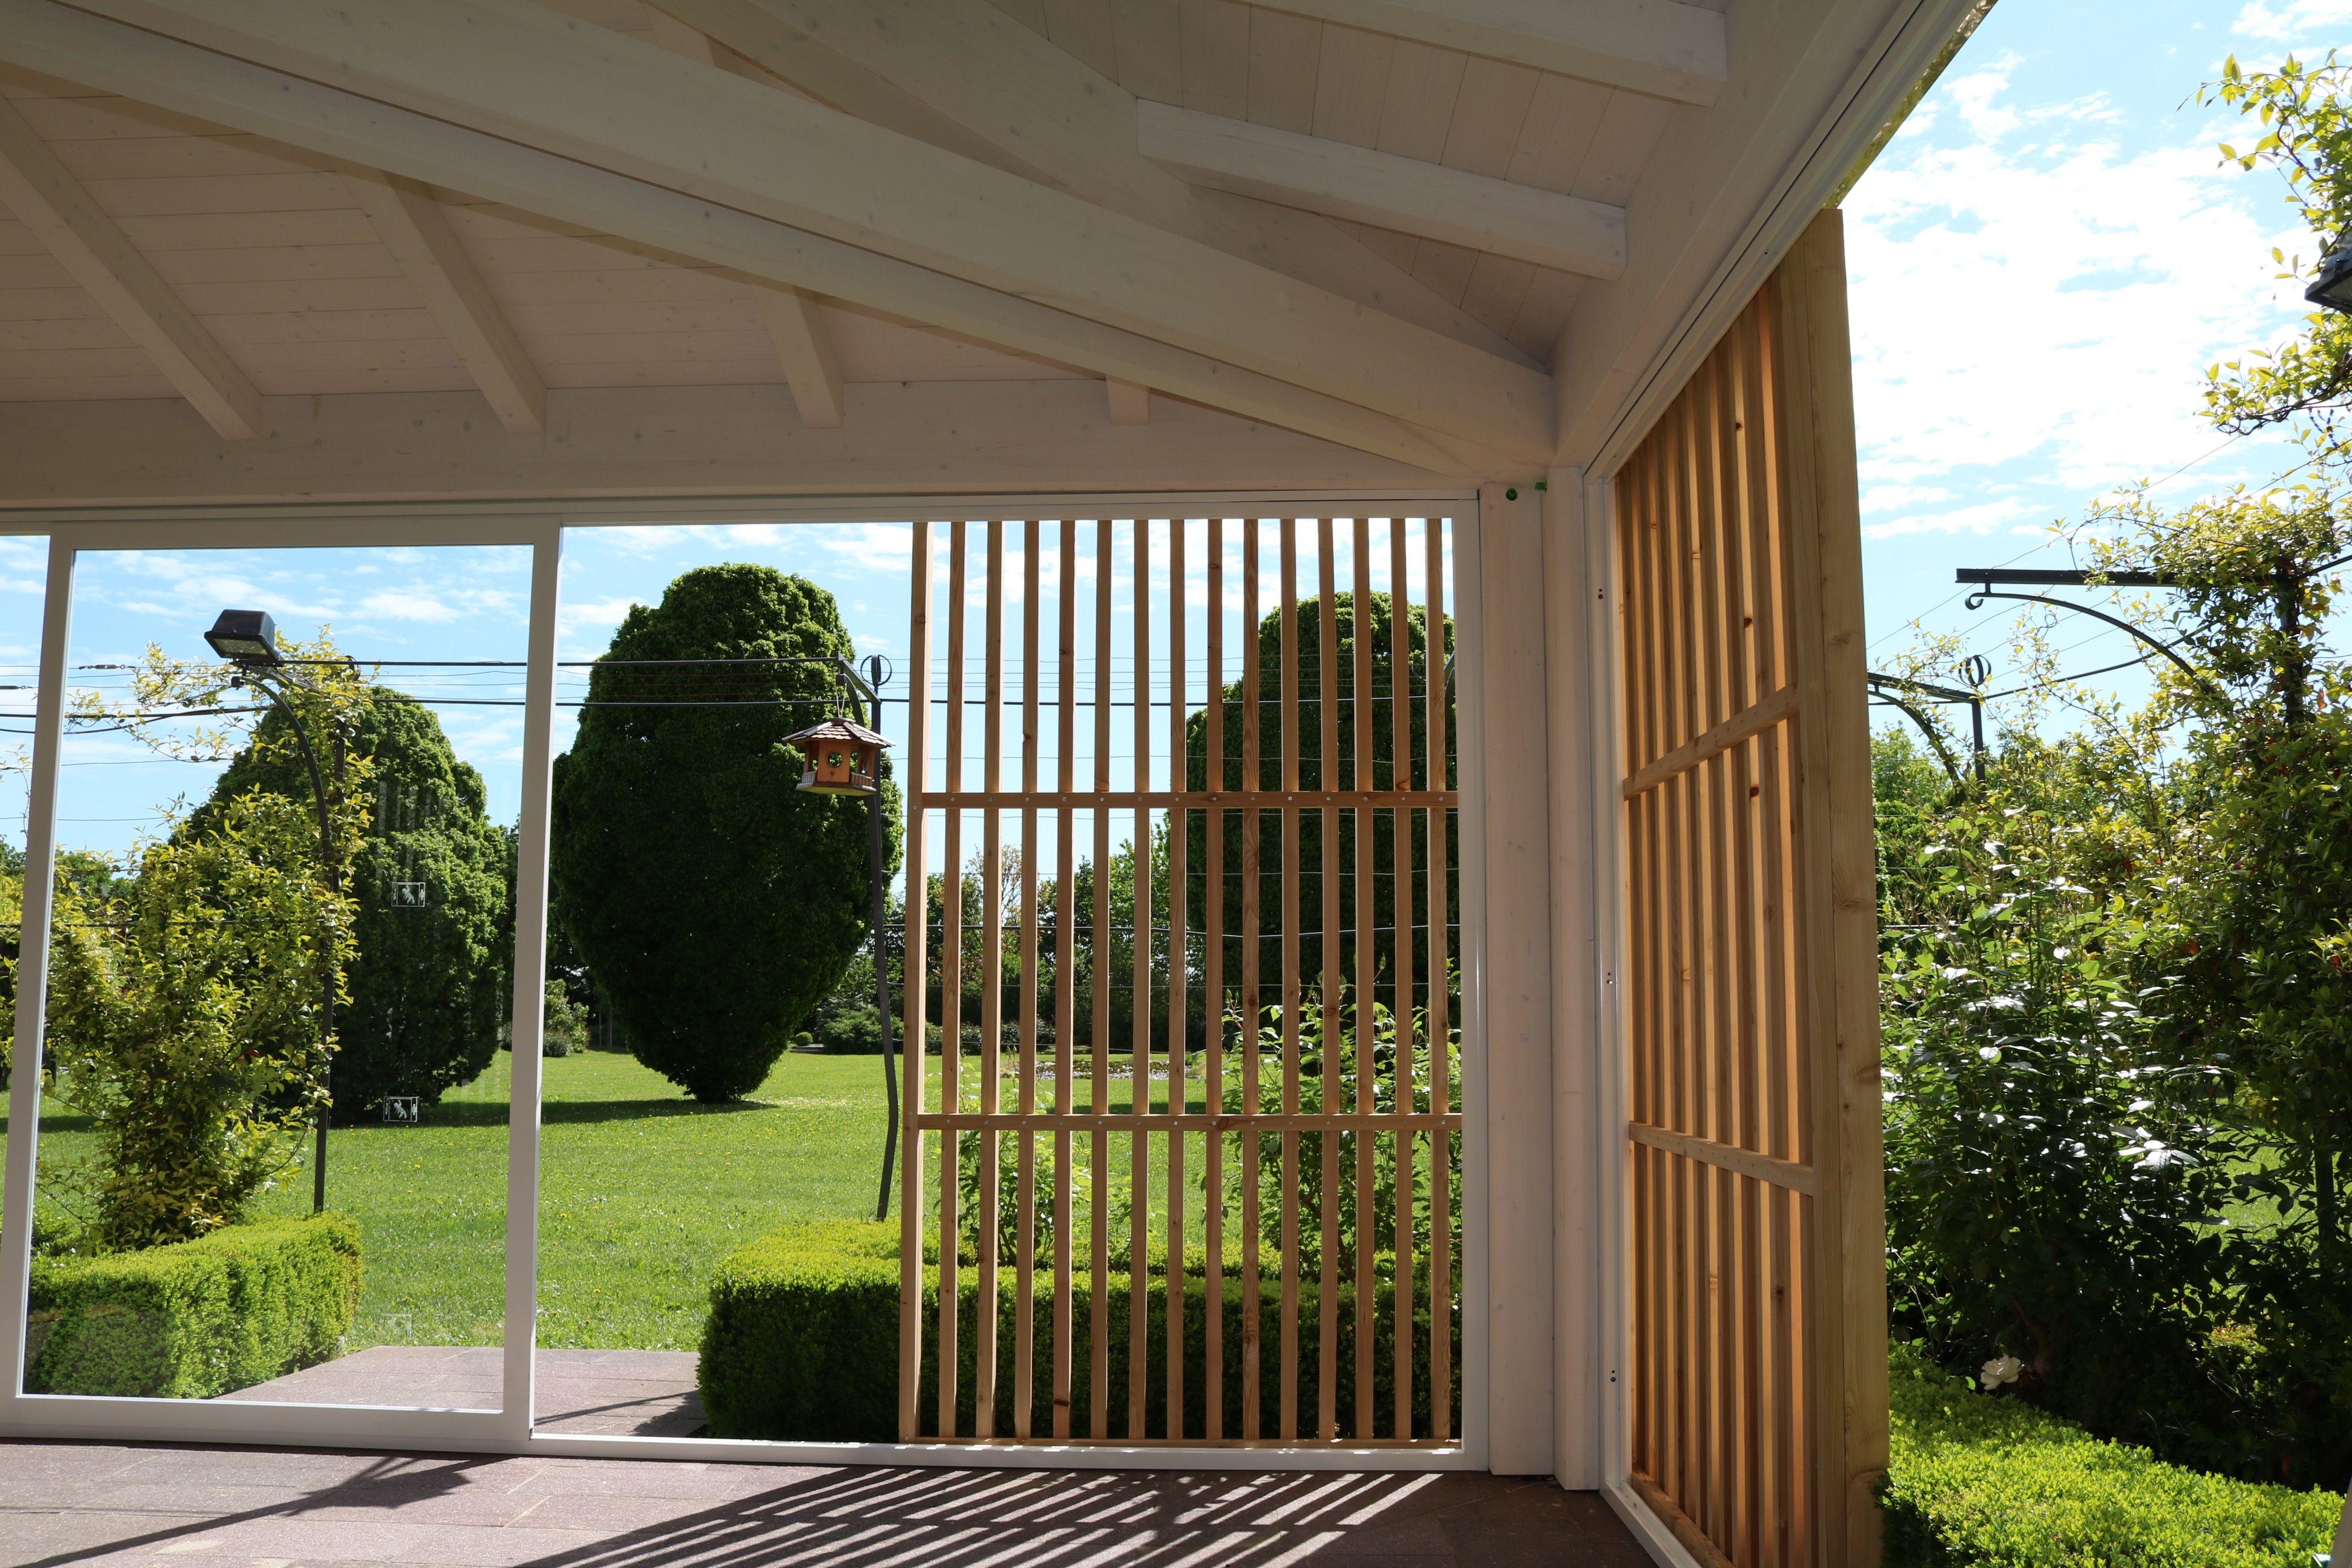 Struttura in legno lamellare di abete con capriata incrociata e brise soleil in legno di larice naturale - Angolare della struttura